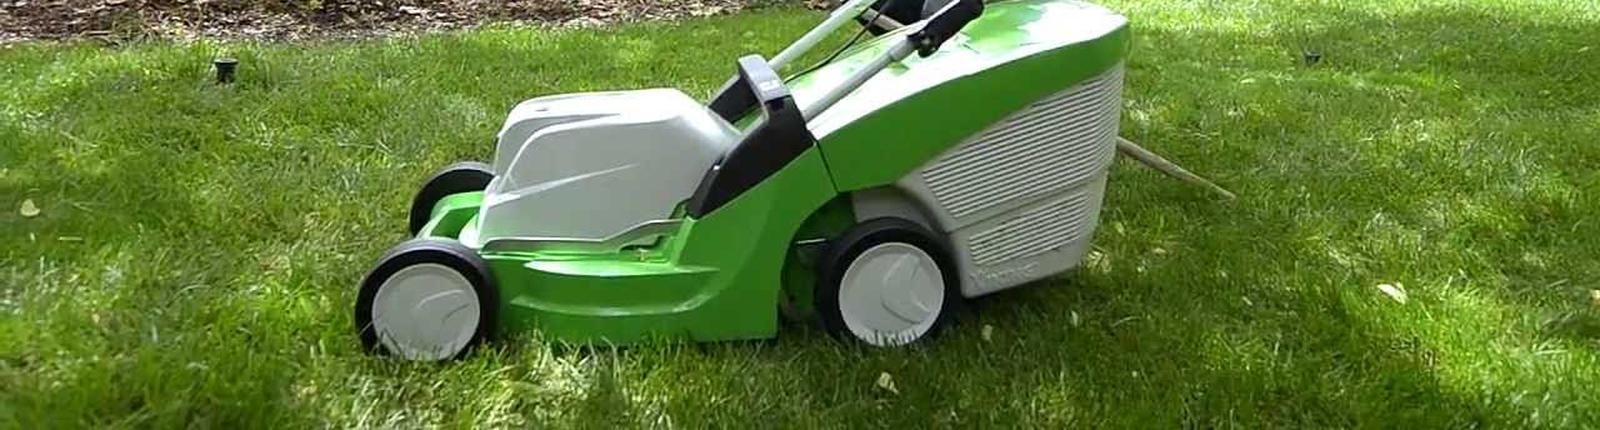 Puesta a punto de tu maquinaria de jardín